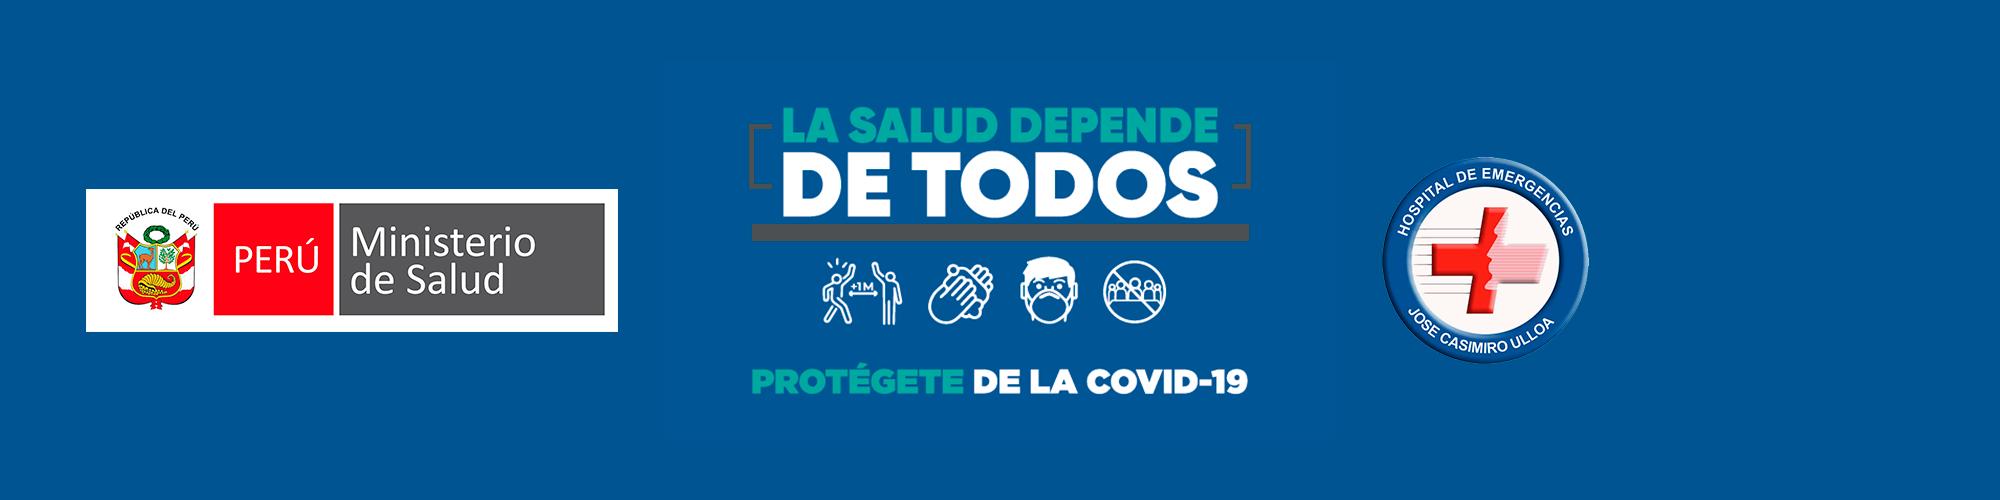 Cover-La-Salud-depende-de-todos